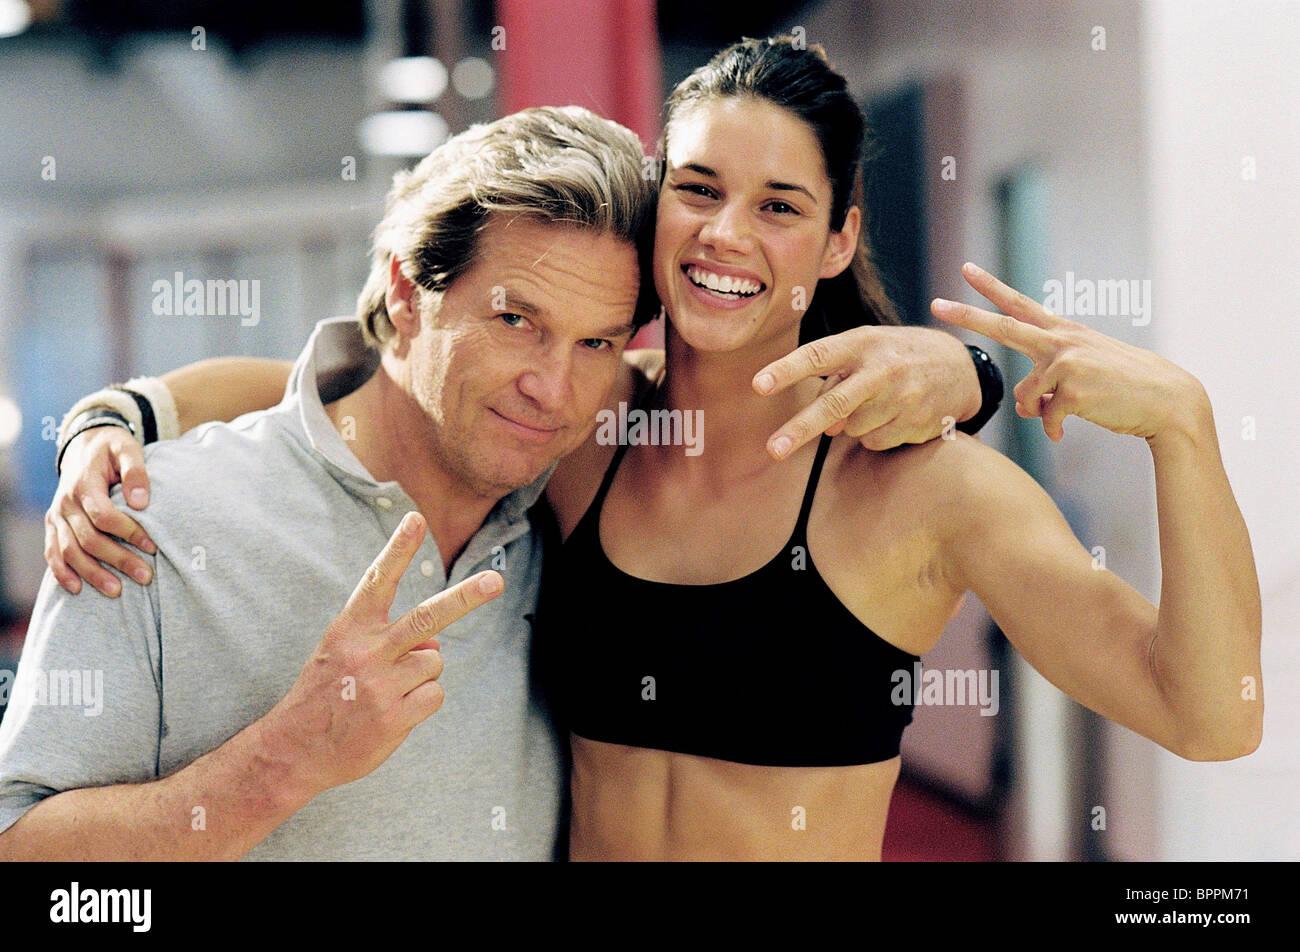 Missy Peregrym Jeff Bridges Stick Stock Photos & Missy ... | 1300 x 952 jpeg 192kB